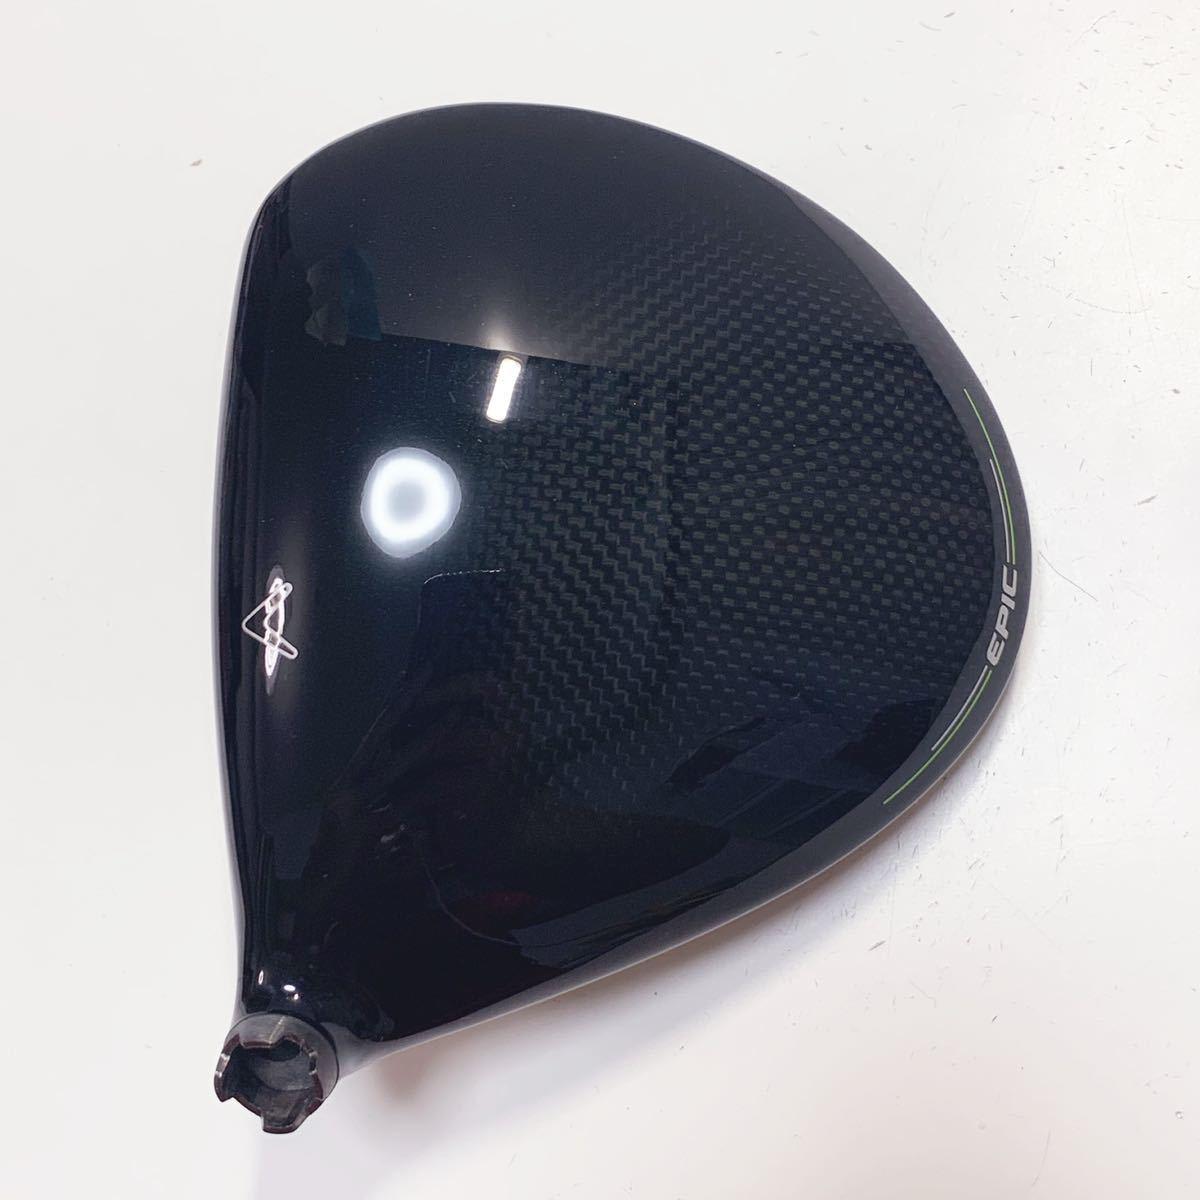 EPIC MAX LS エピックマックス 10.5° ヘッドとカバーとレンチのみ 日本仕様_画像5